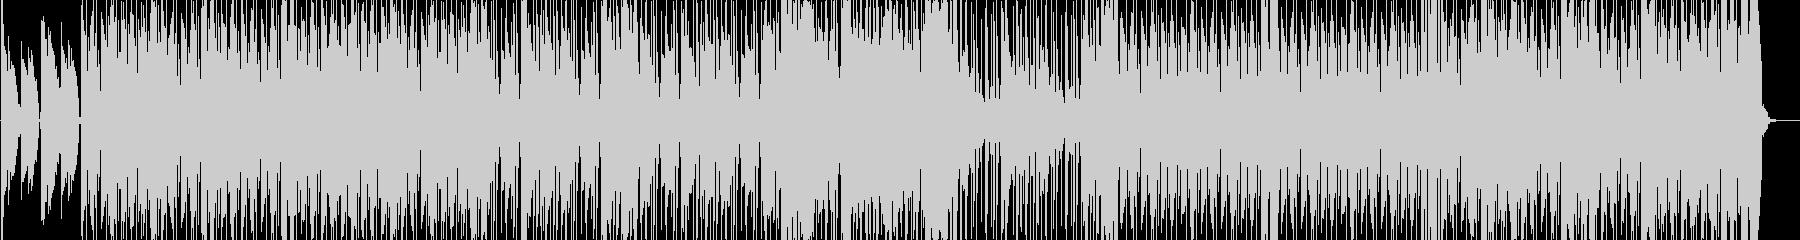 大人な雰囲気のジャジーBGM1の未再生の波形